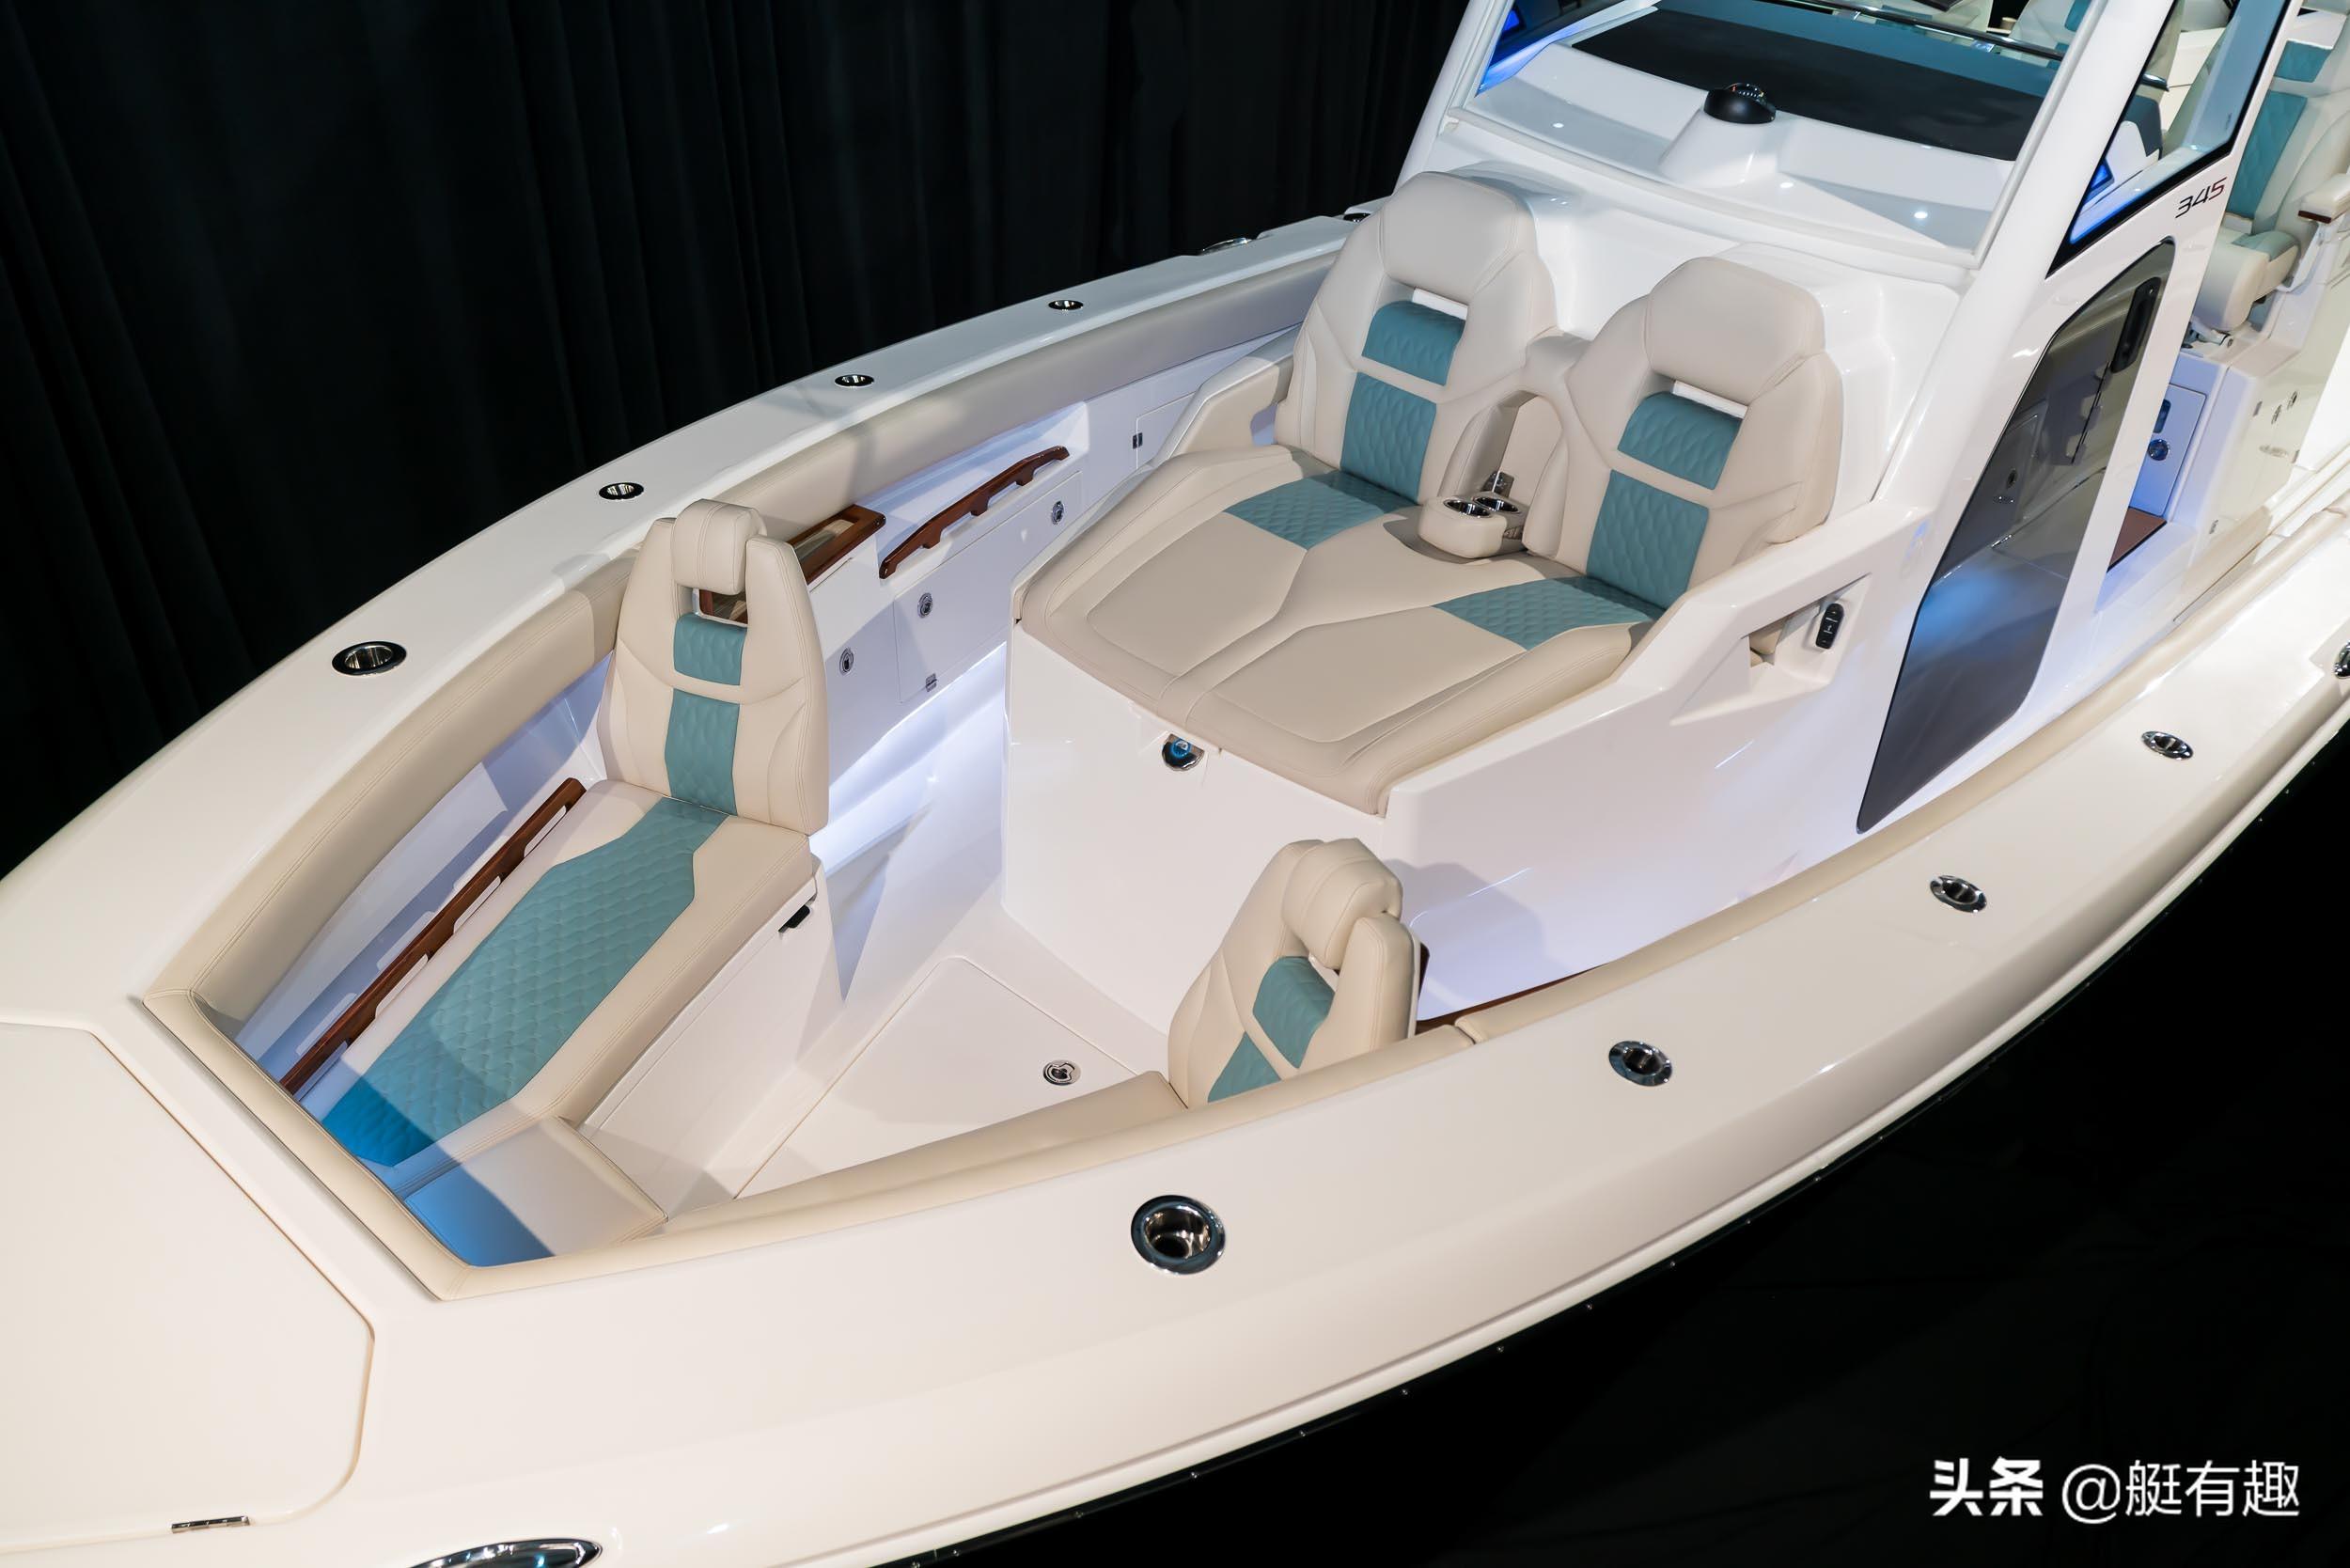 Solace 345游艇,你从未见过的中控钓鱼艇设计,一艘钓鱼者的梦想